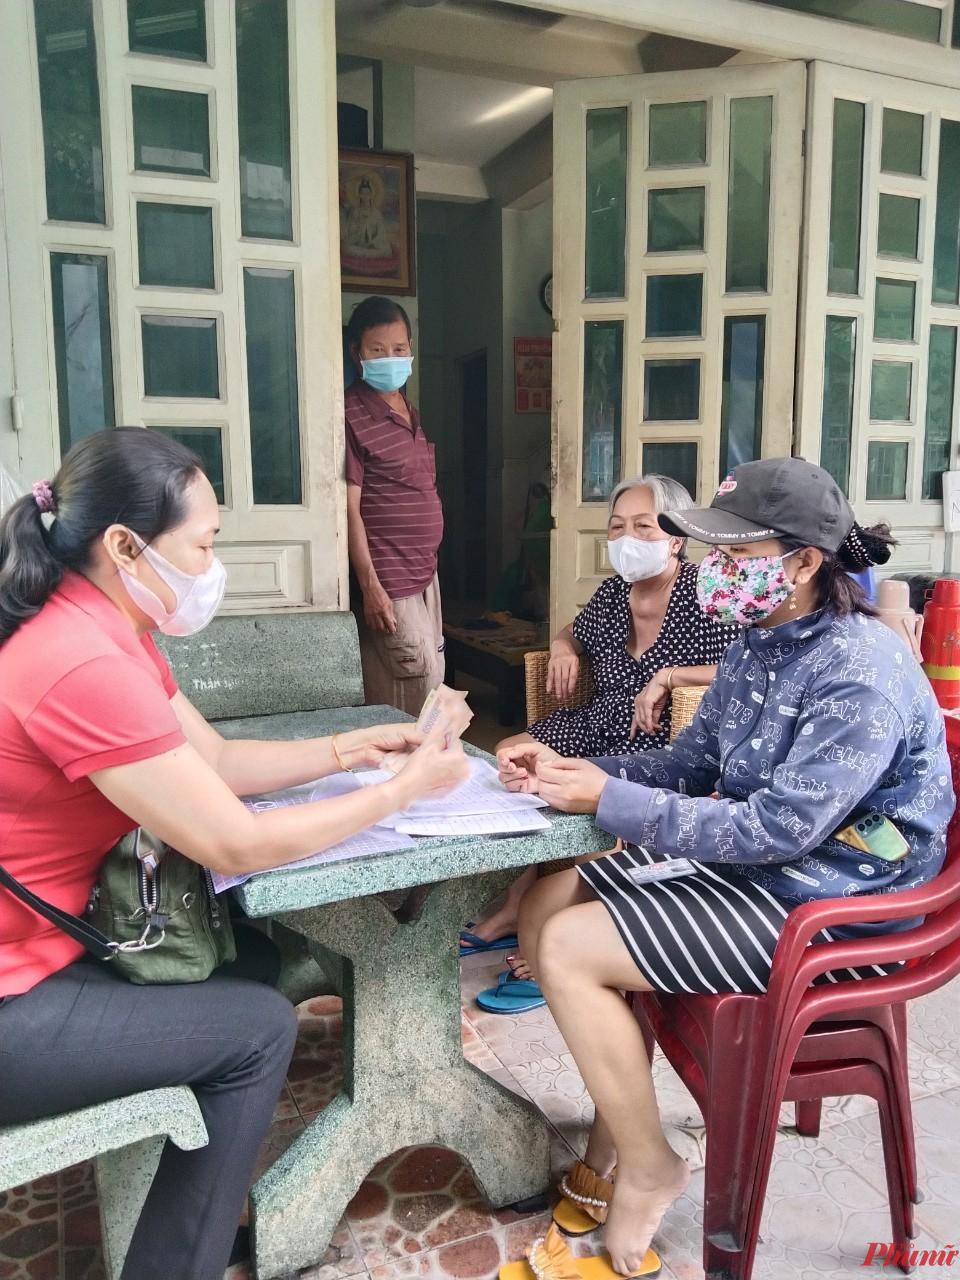 Lao động tự do ở Phường Tân Chánh Hiệp (quận 12, TPHCM) được cán bộ đến tận nhà  trao số tiền hỗ trợ. Ảnh: Nghi Anh